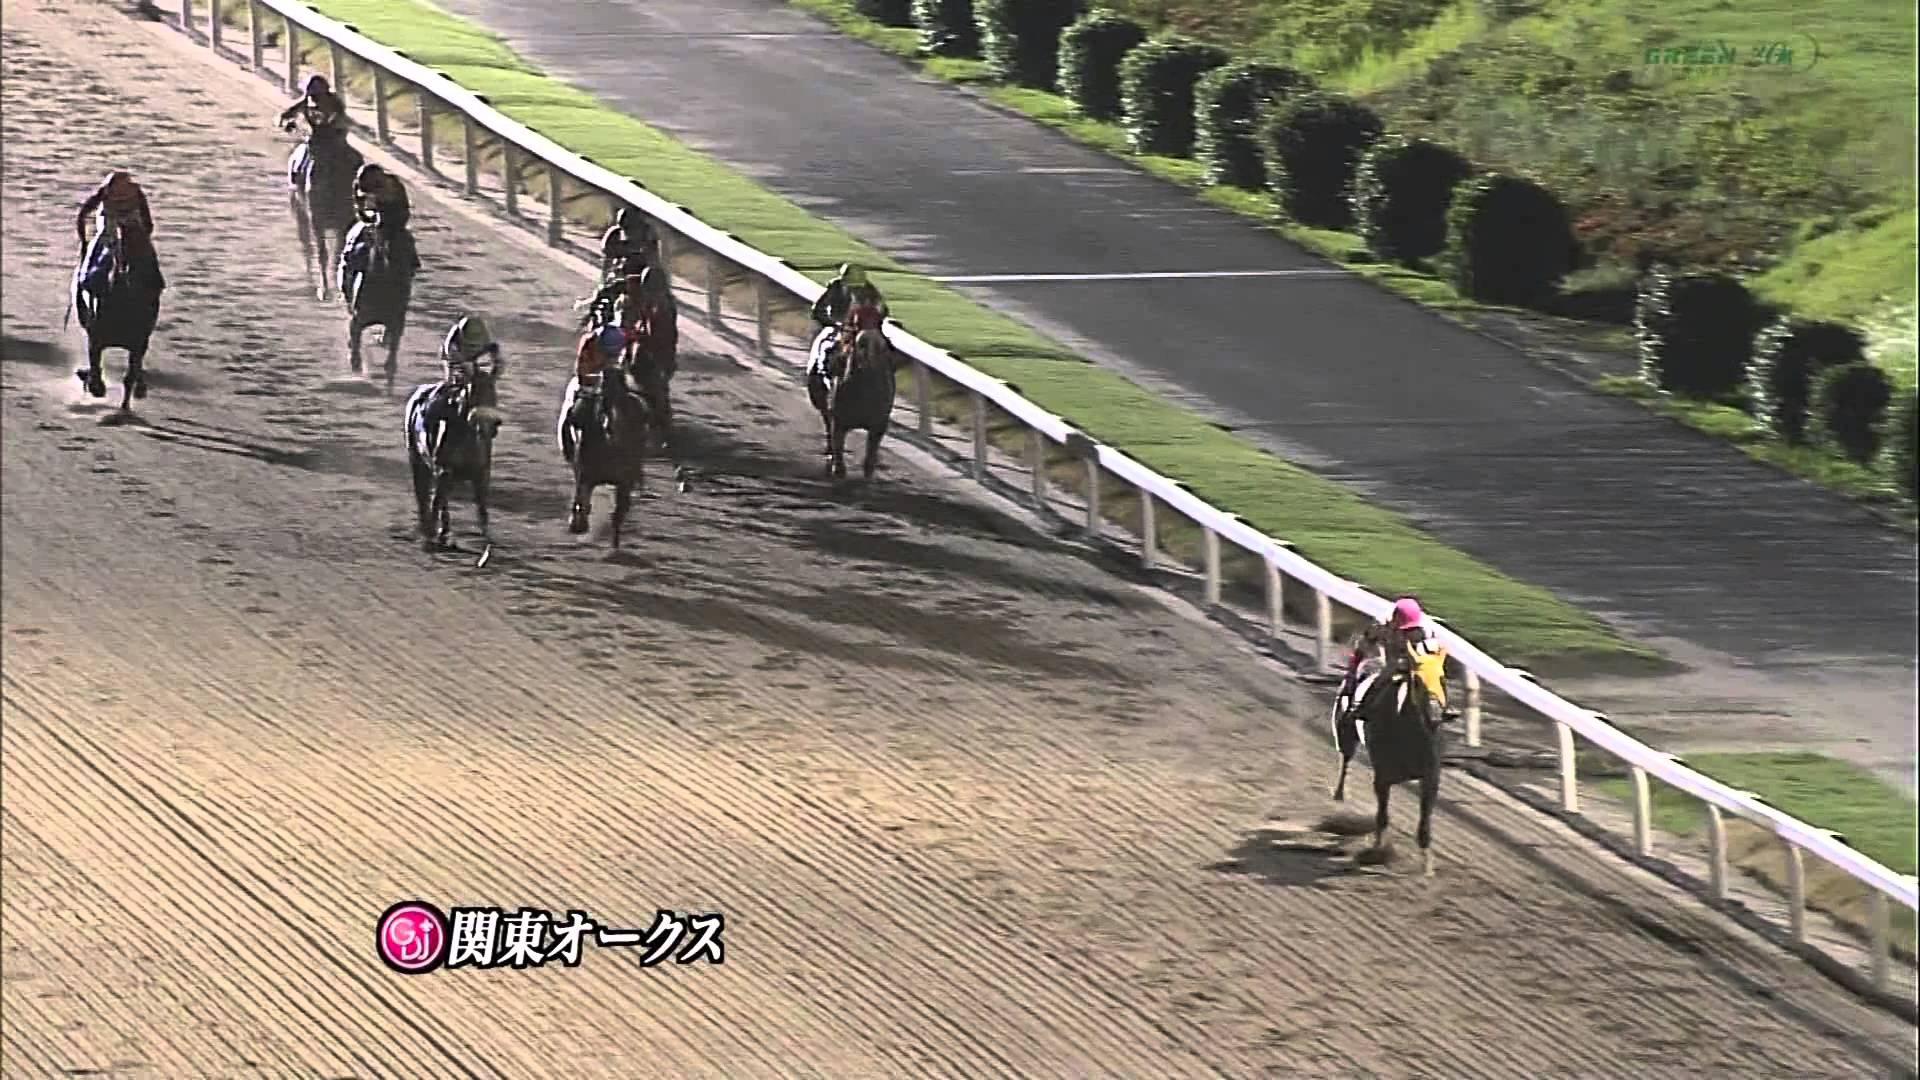 関東オークス 2015 ホワイトフーガ